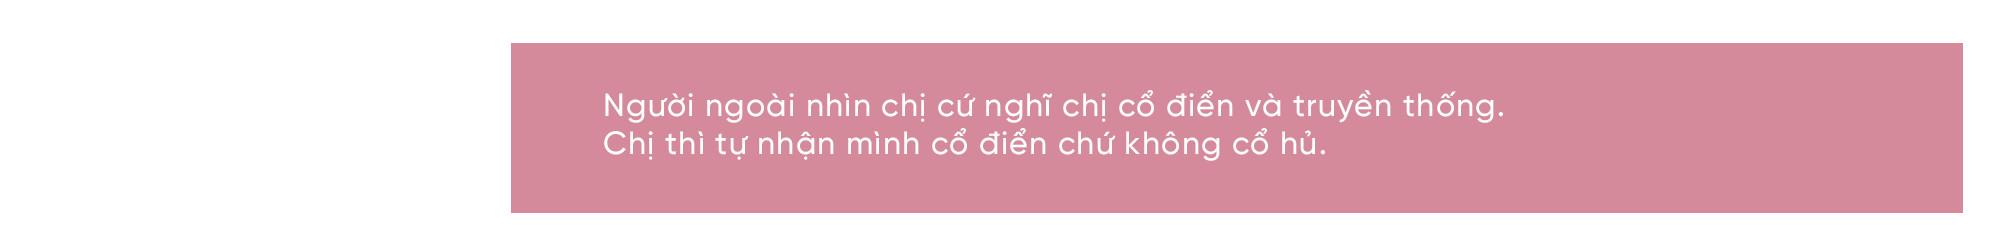 """NSND Lan Hương """"Bông"""": Con gái đi lấy chồng thì nên xem gia đình chồng chính là gia đình mình - Ảnh 6."""